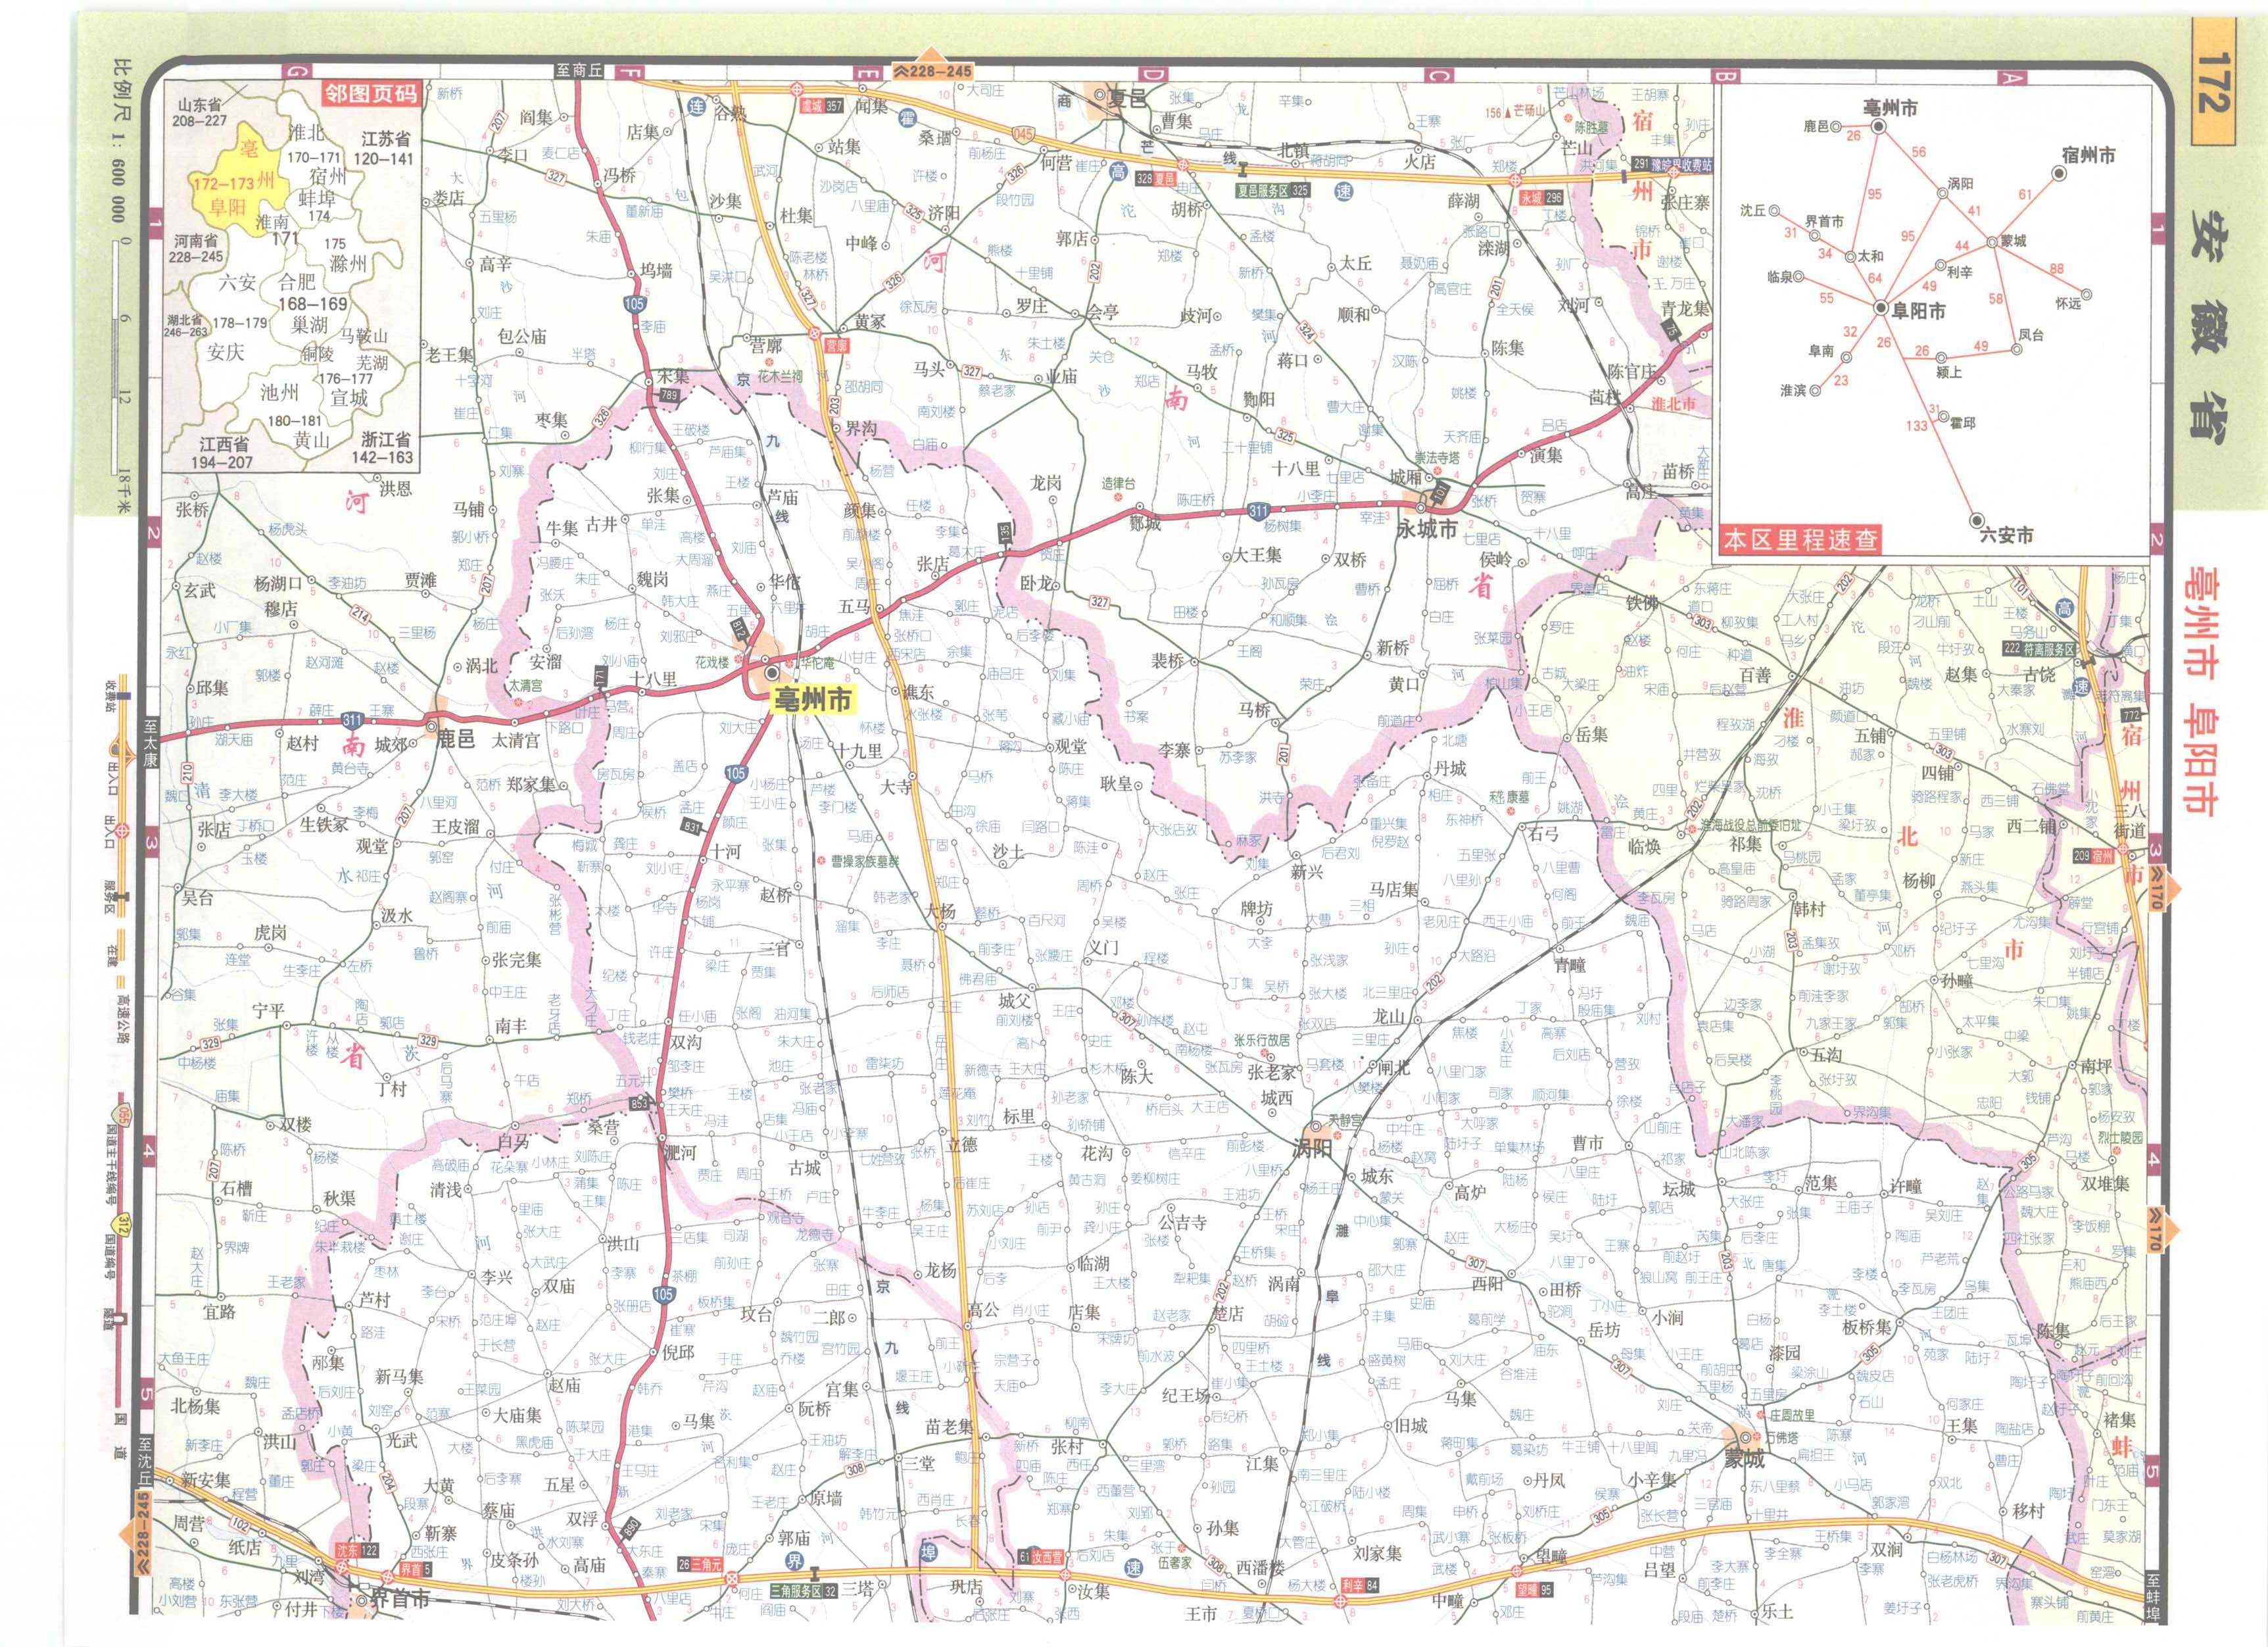 安徽省毫州市阜阳市高速公路网地图